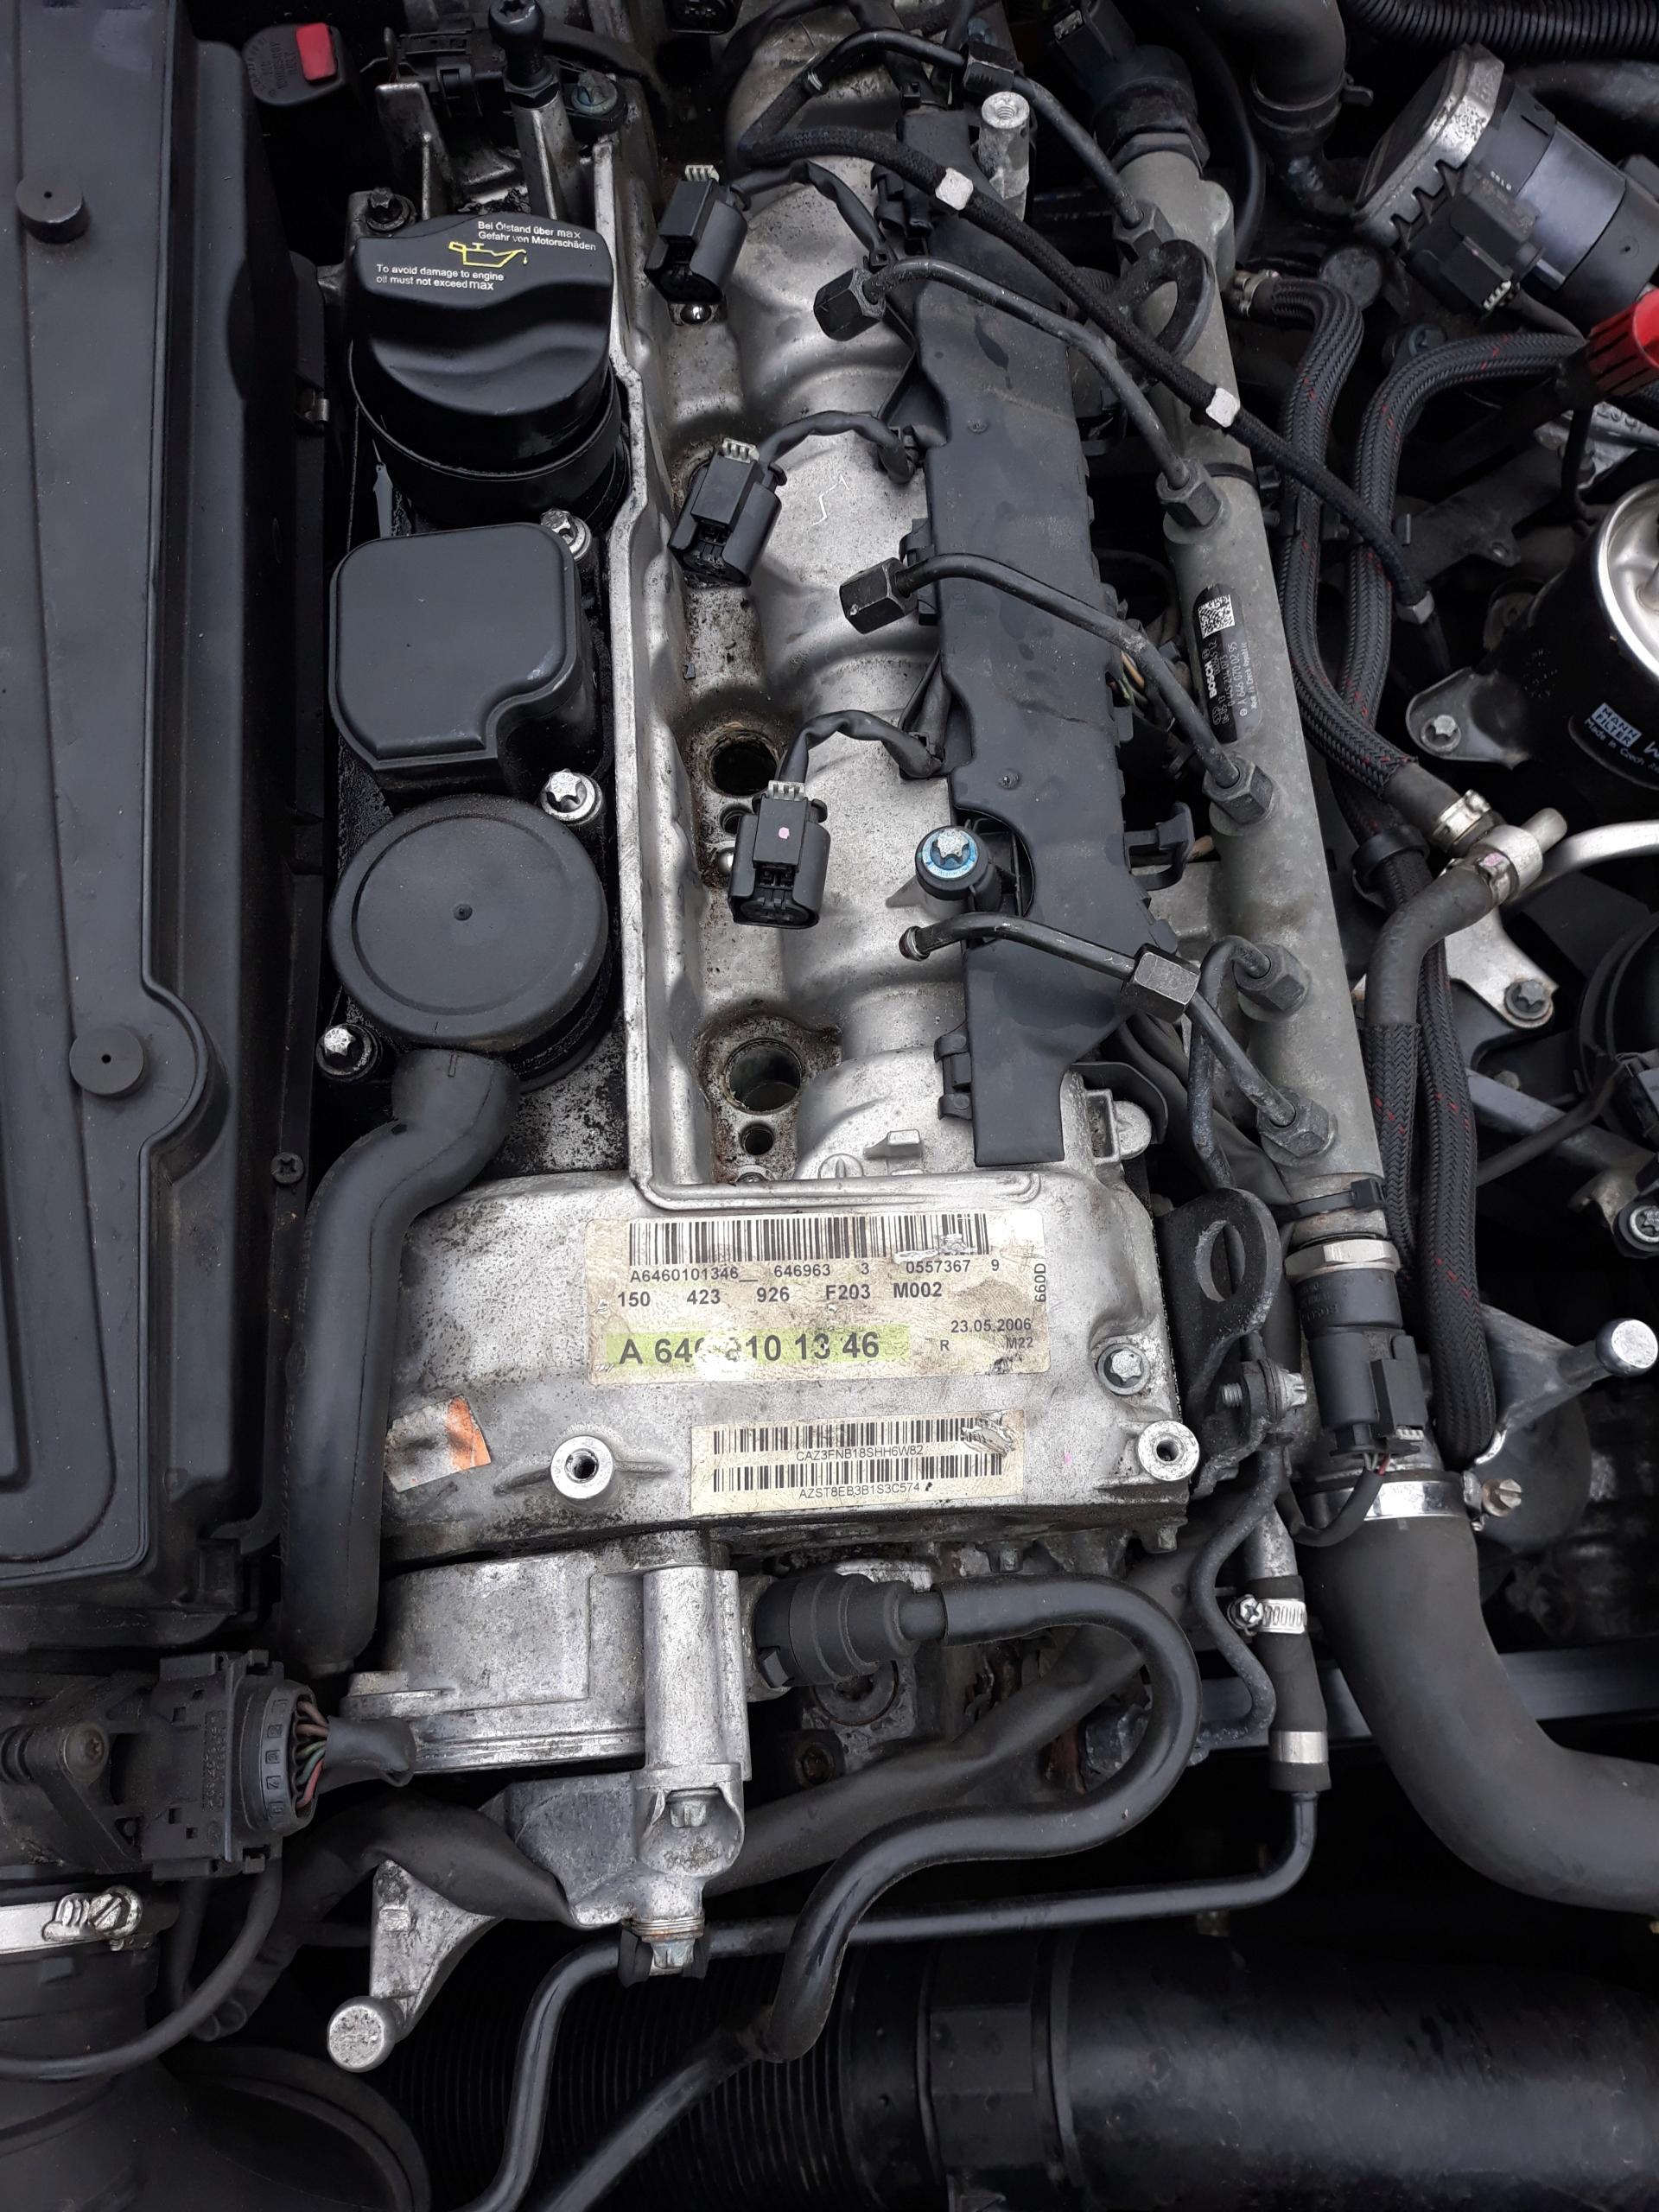 двигатель 22 cdi mercedes w209 c w203 a6110105020